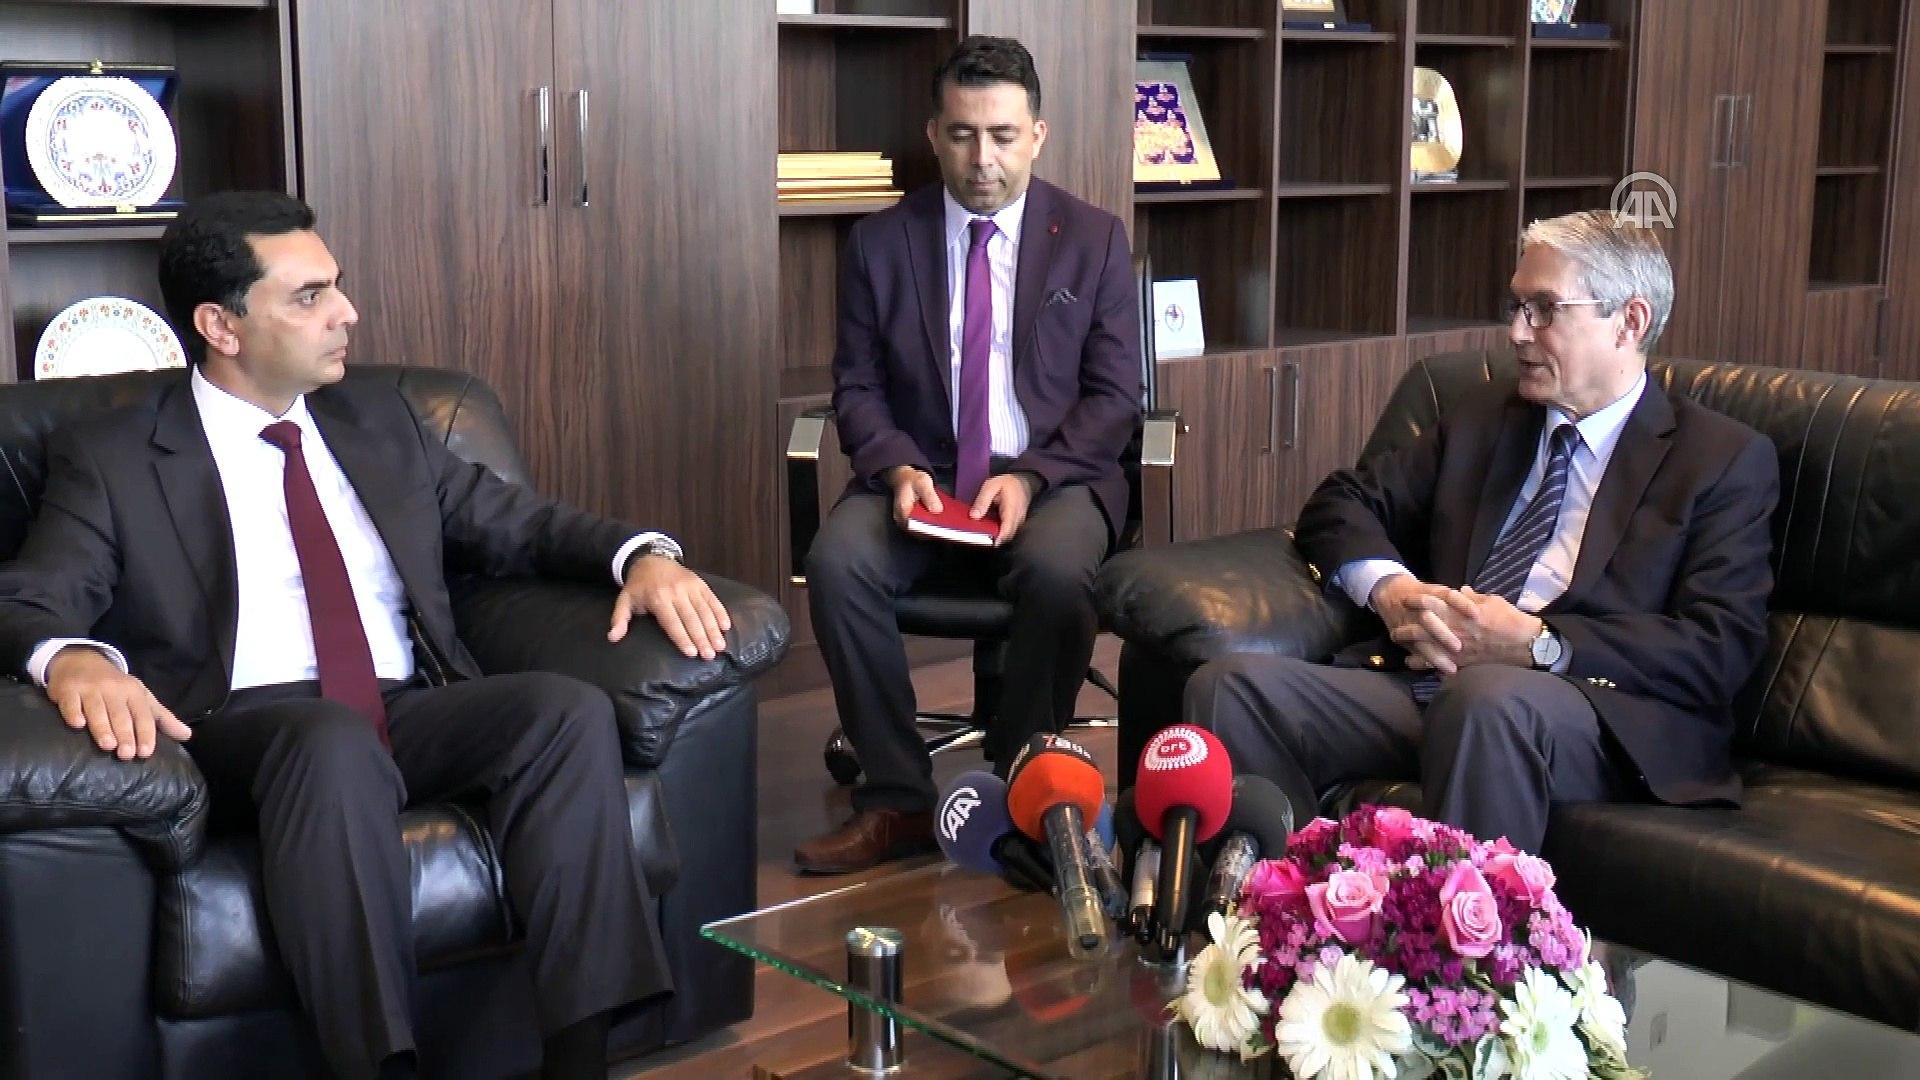 KKTC Ekonomi ve Enerji Bakanı Nami, Büyükelçi Kanbay'ı kabul etti - LEFKOŞA